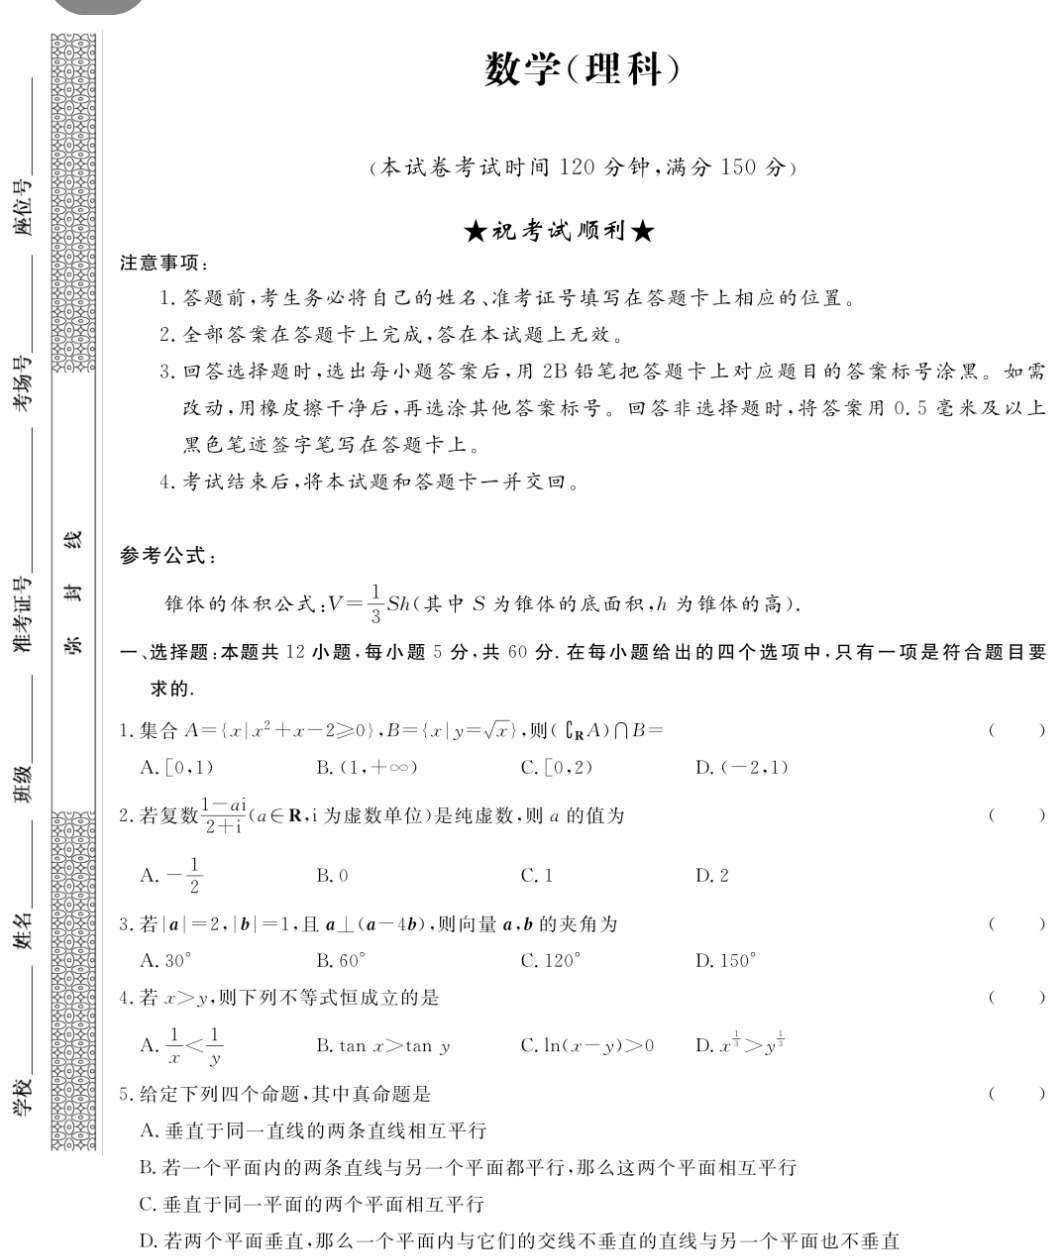 广东高考文综模拟题_广东高三生注意:2021新高考5大变化!(附高考九科模拟卷) - 哔 ...